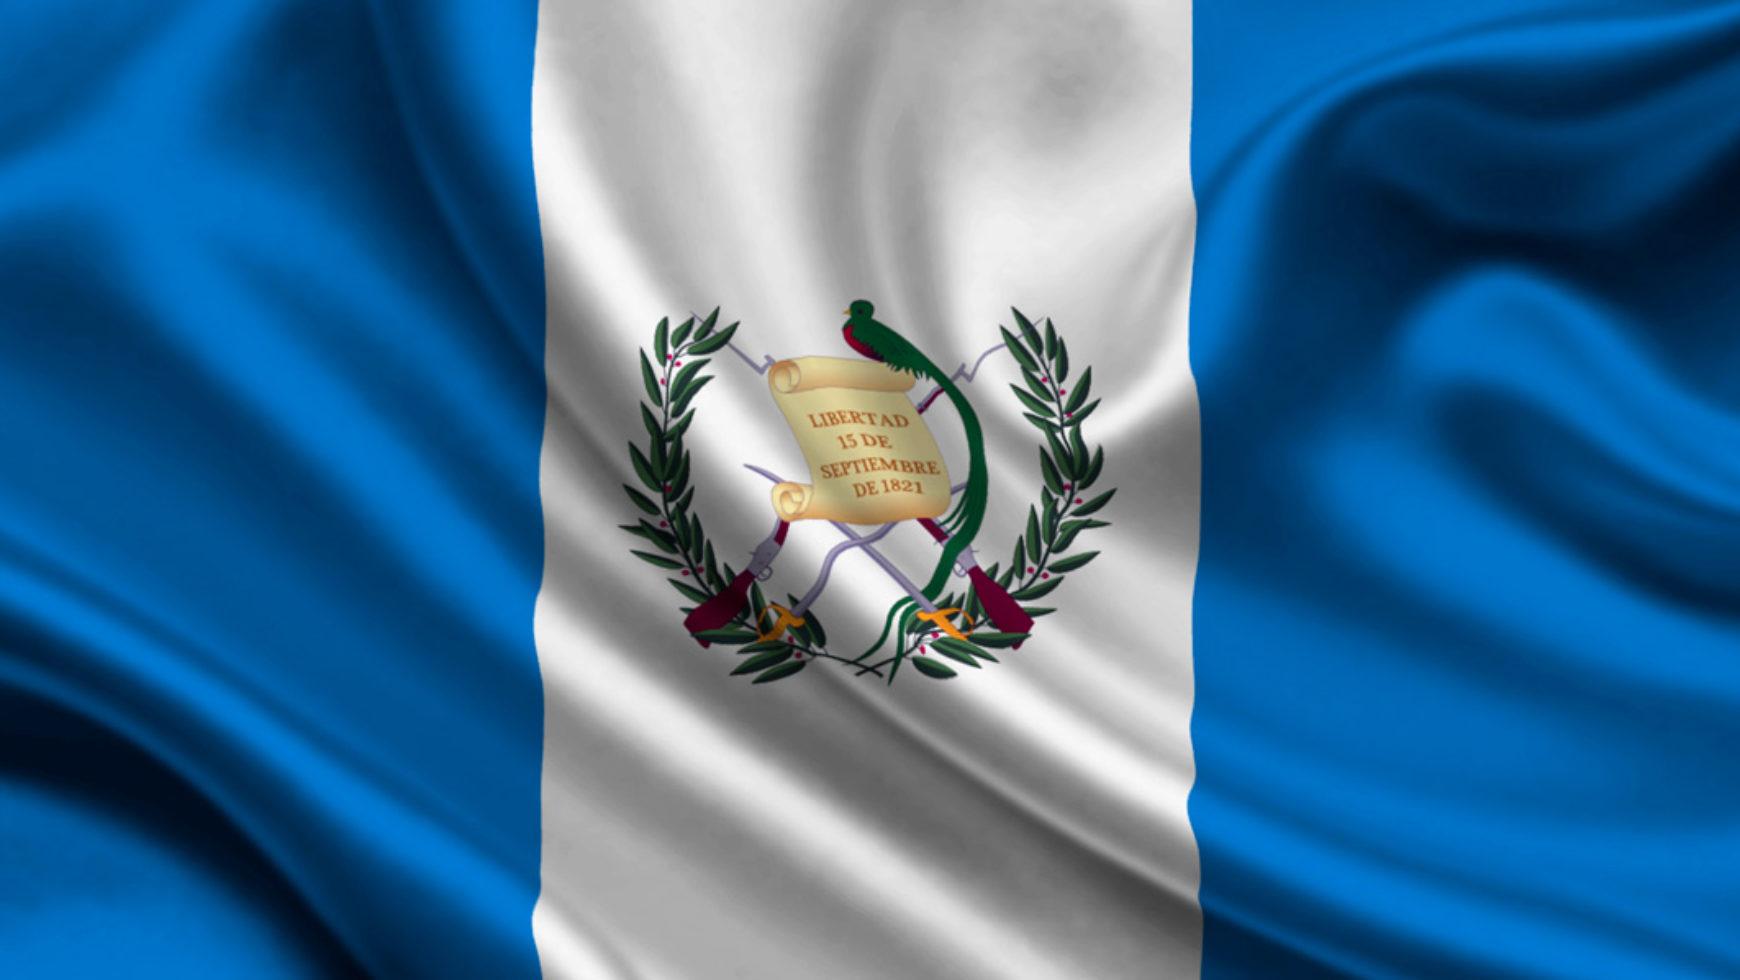 Guatemala 2018 Information Meeting